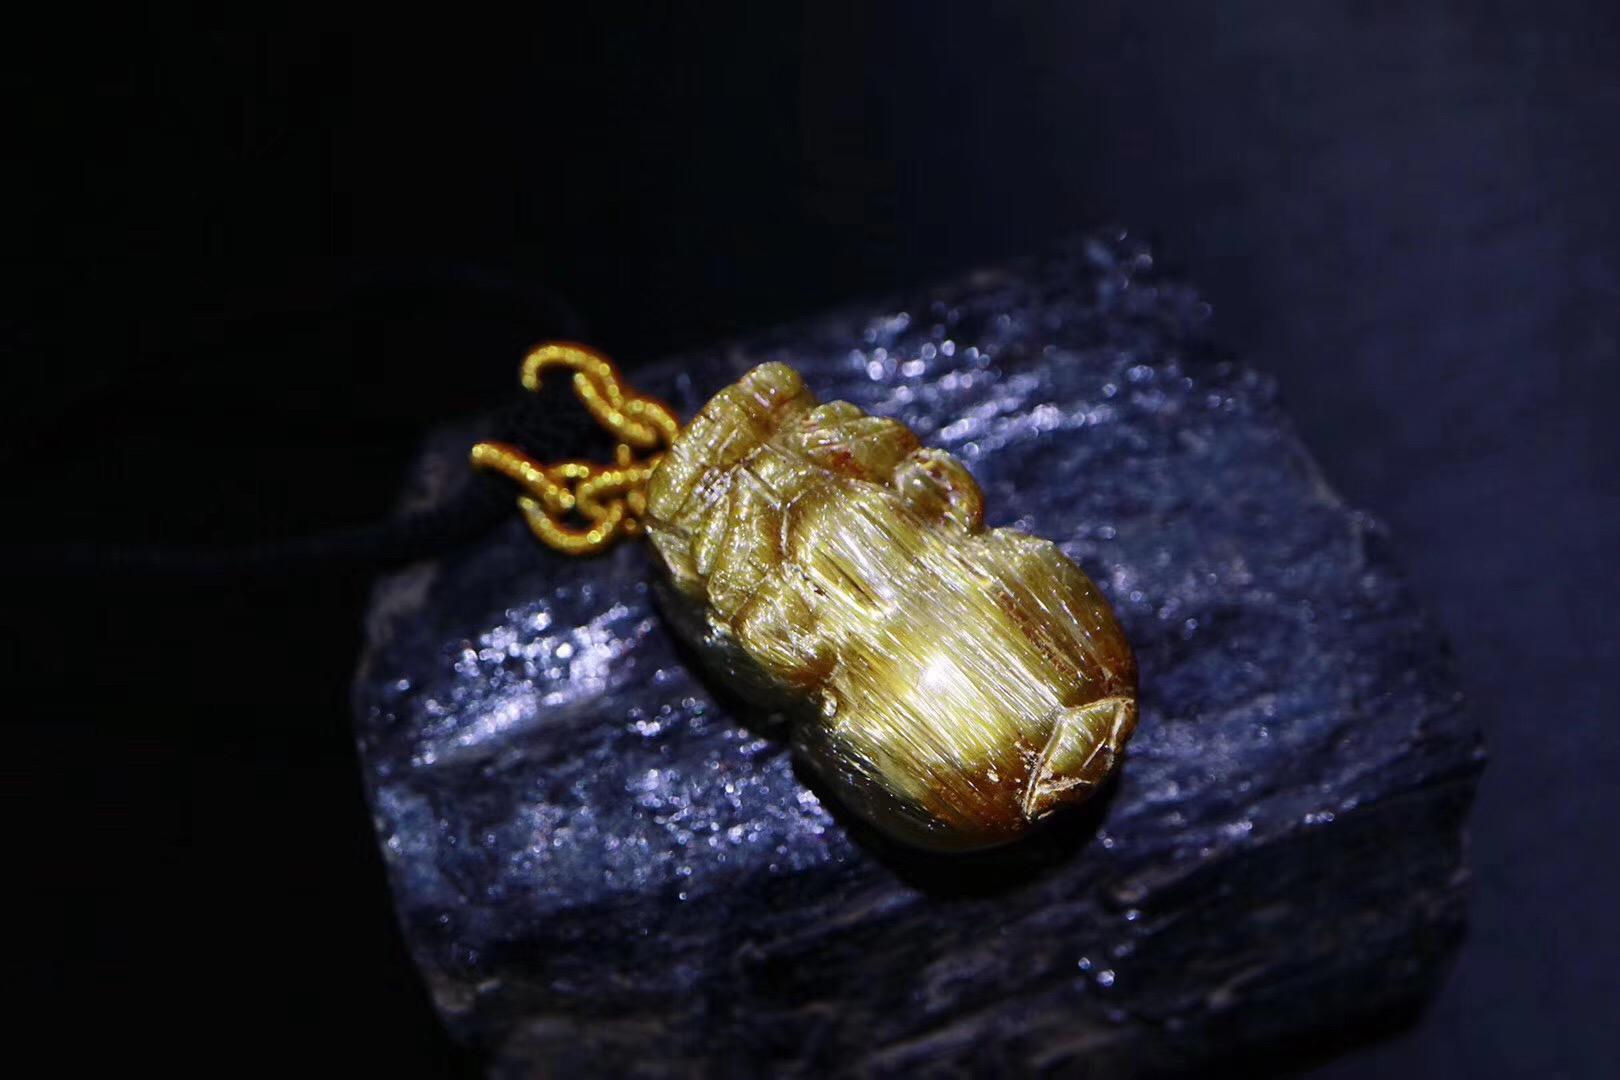 【钛晶貔貅】金灿灿的钛晶貔貅最是威猛-菩心晶舍